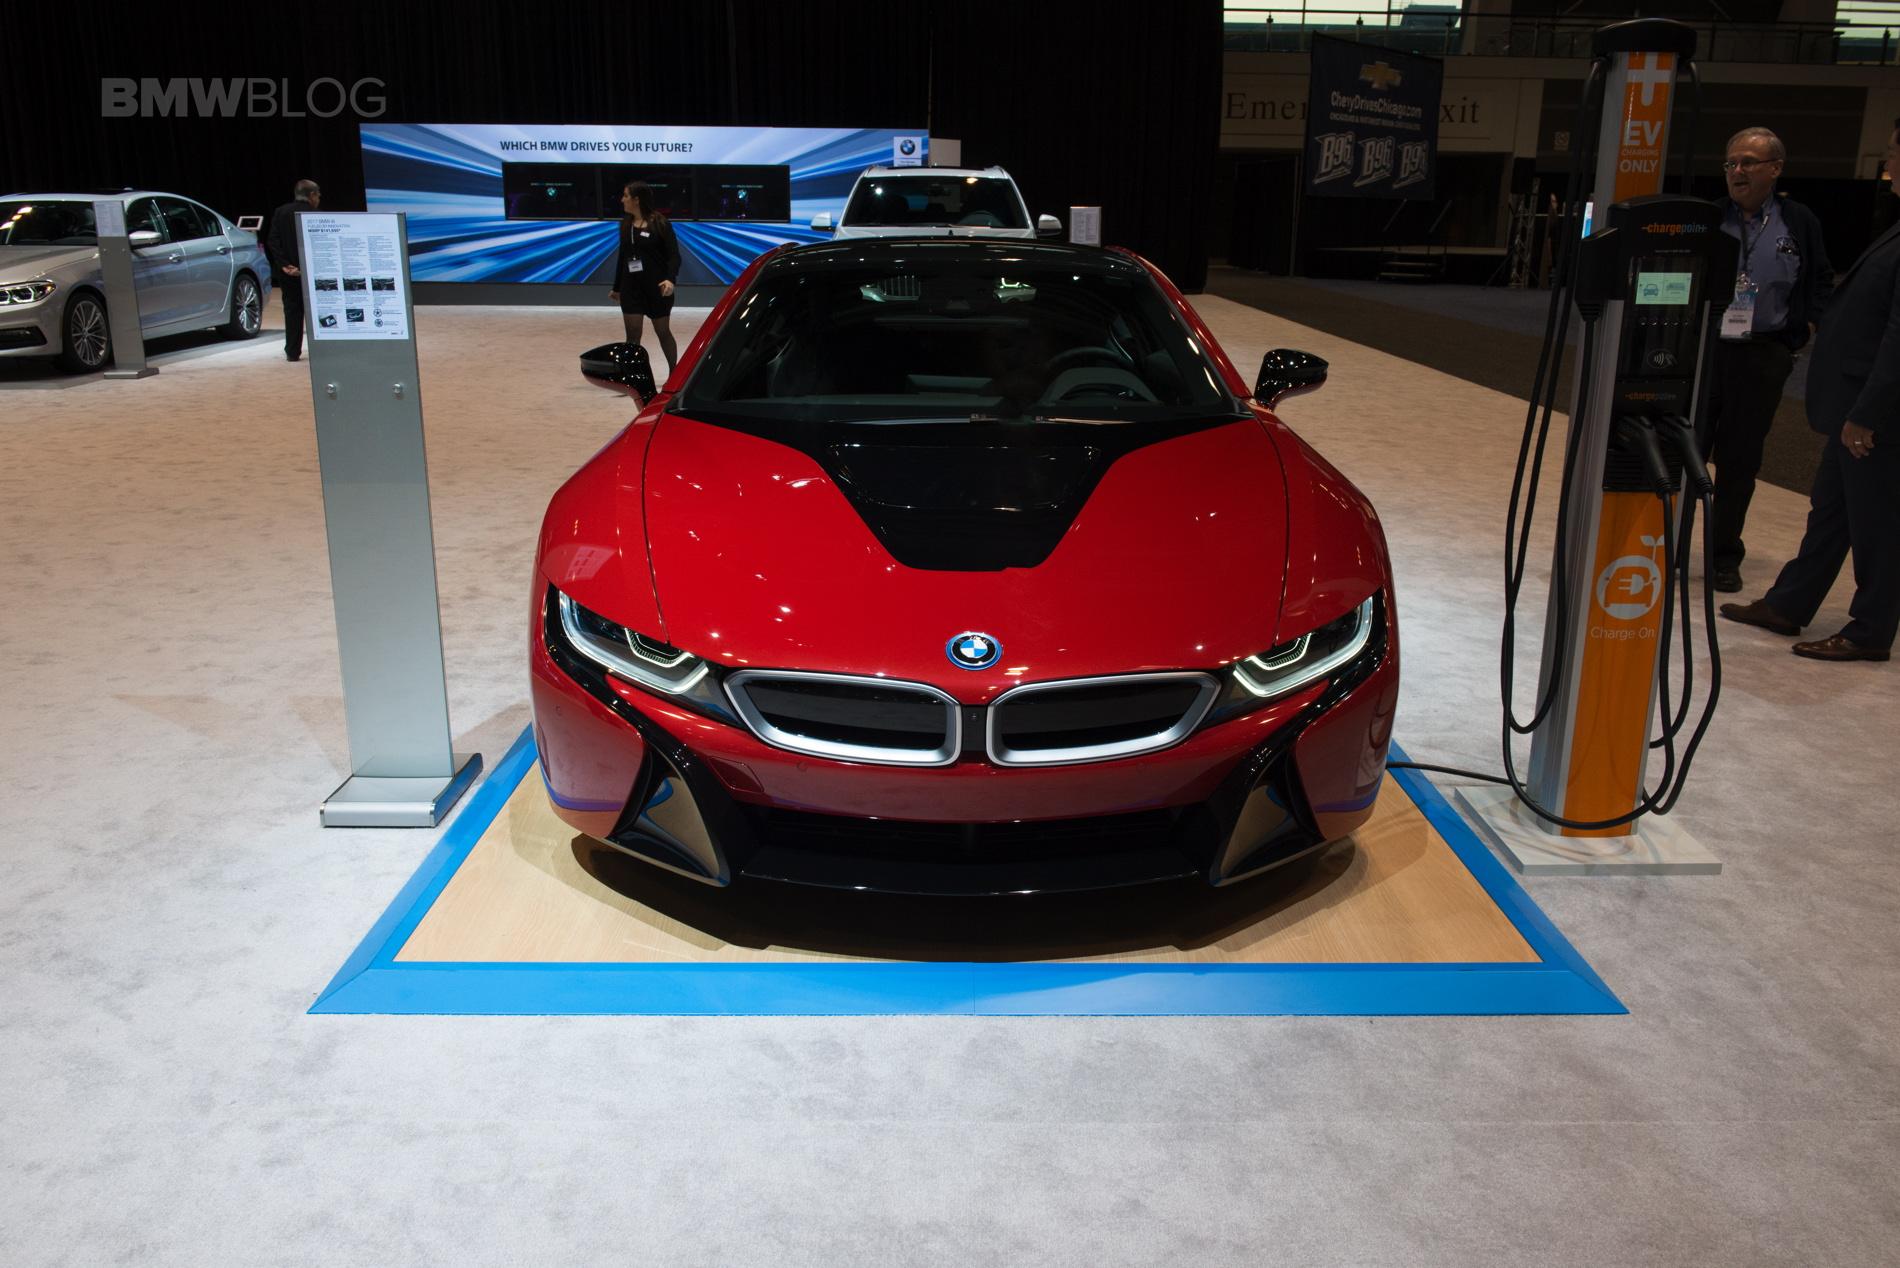 Bmw 2017 Chicago Auto Show 46 750x501